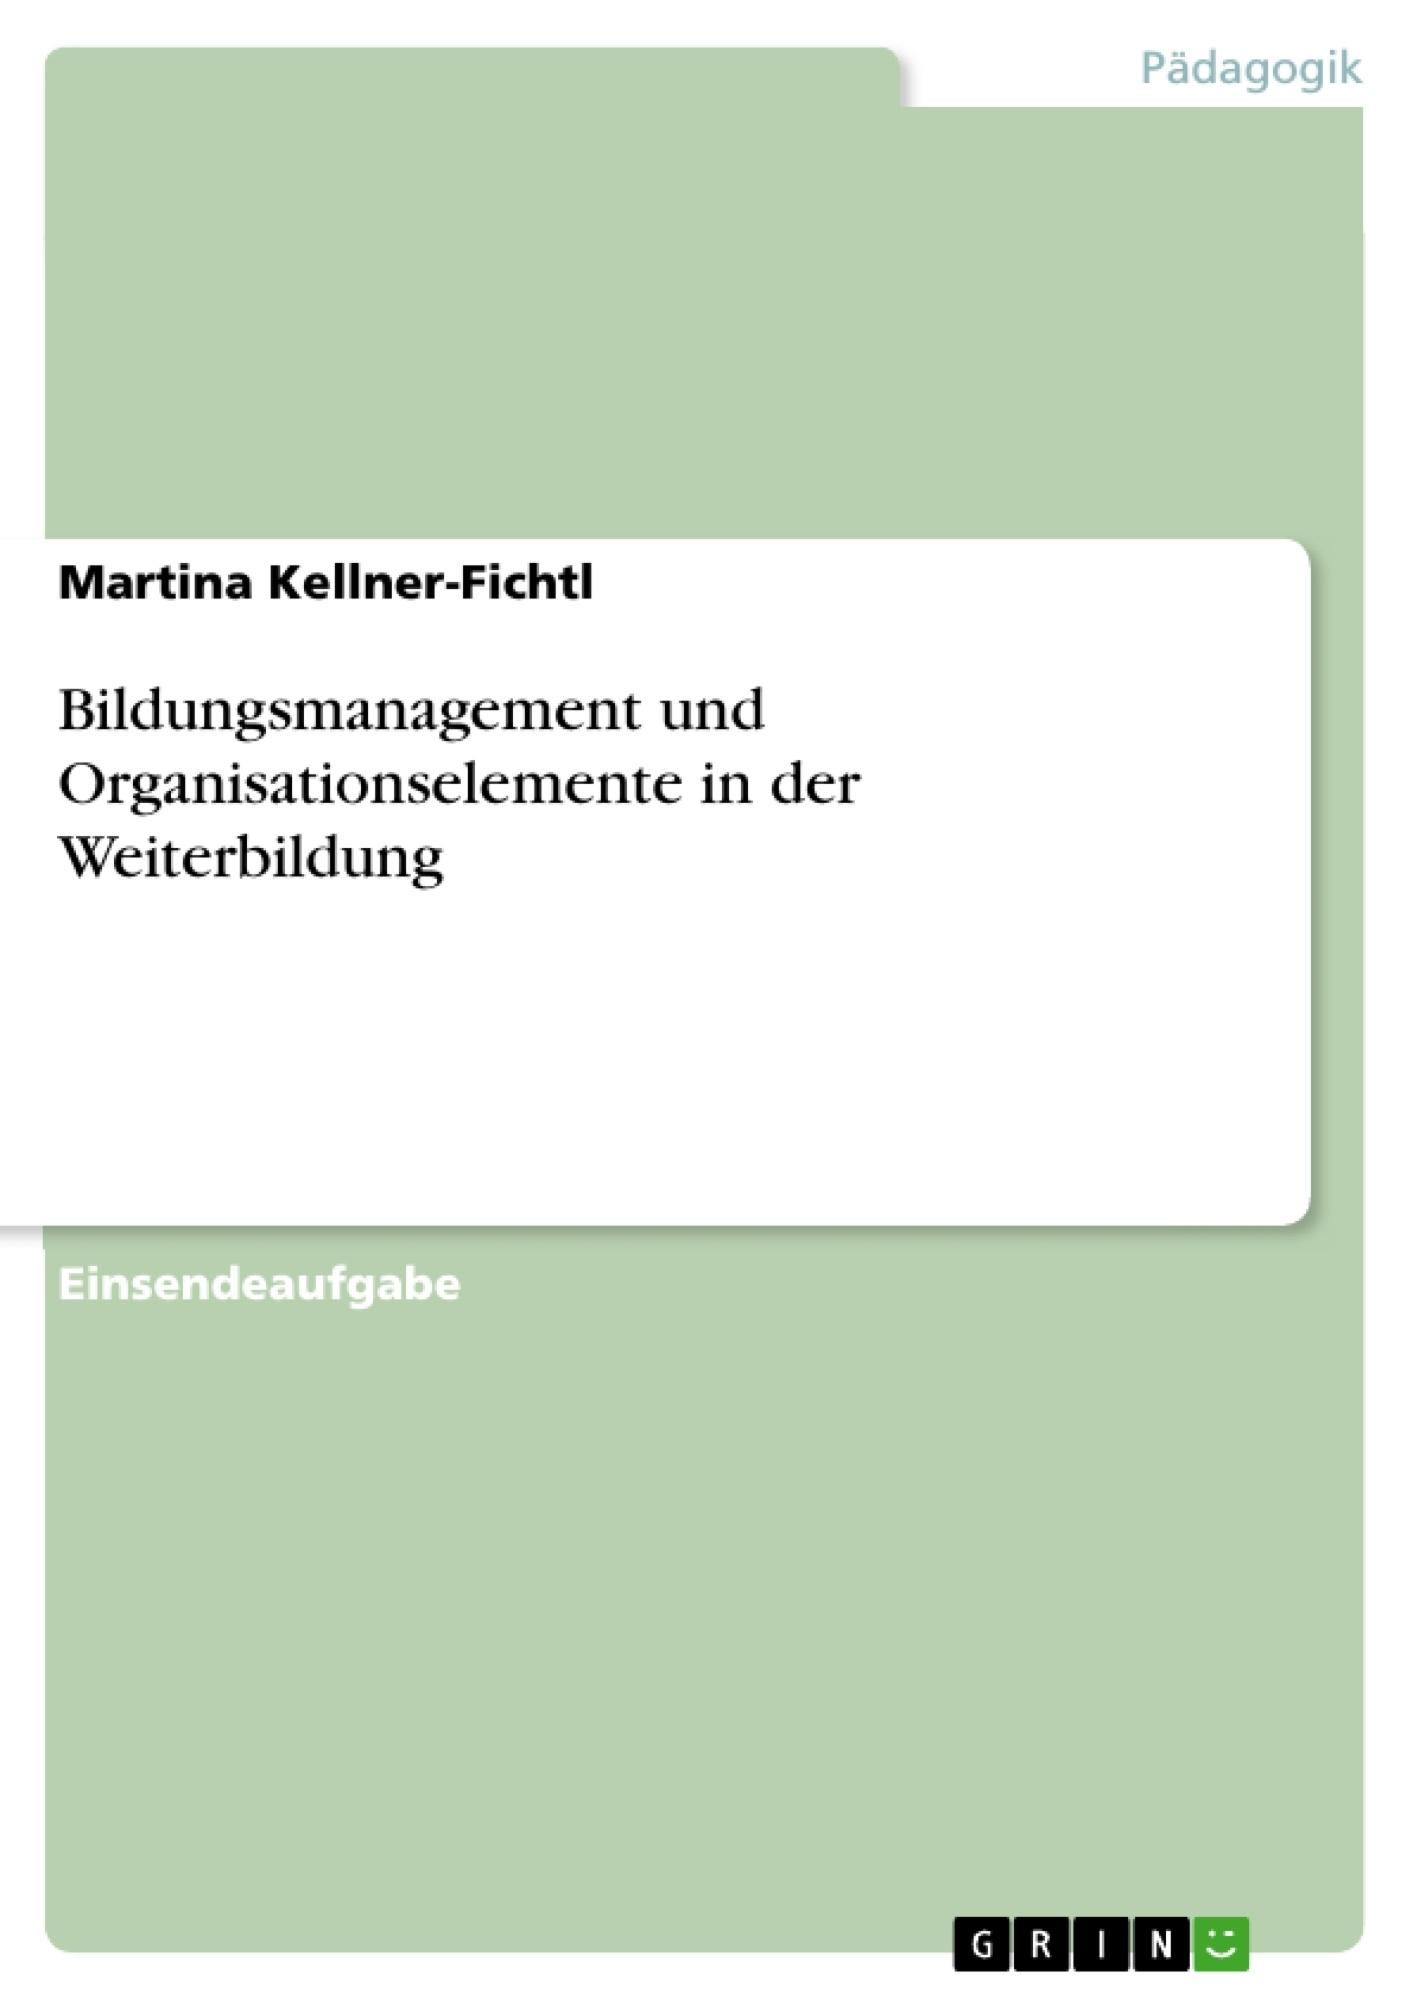 Titel: Bildungsmanagement und Organisationselemente in der Weiterbildung